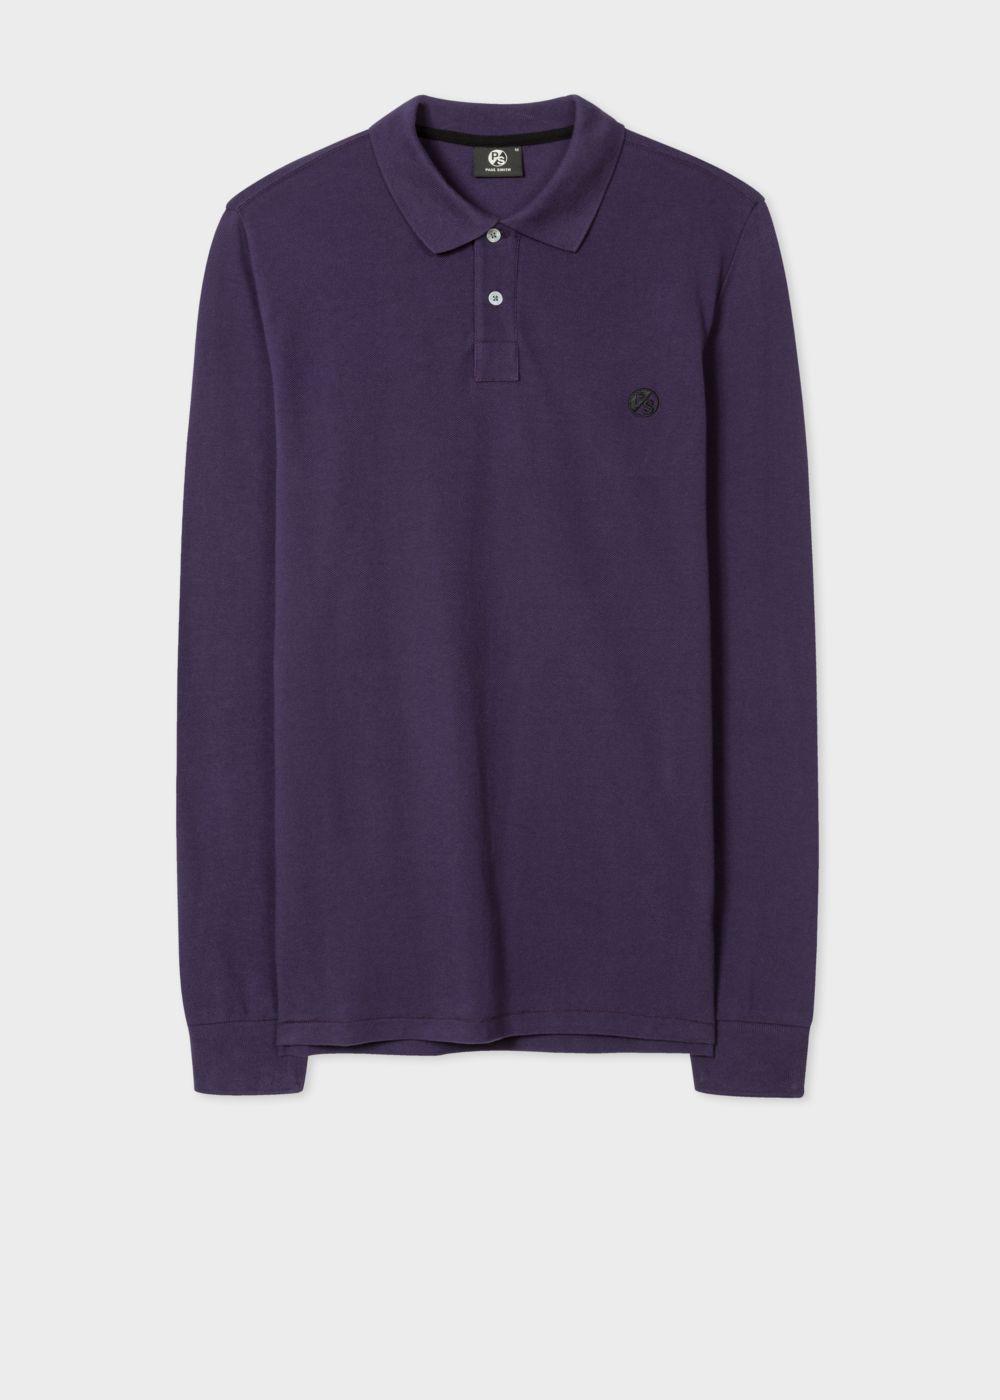 Paul smith men 39 s purple ps logo long sleeve polo shirt in for Long sleeve purple polo shirt